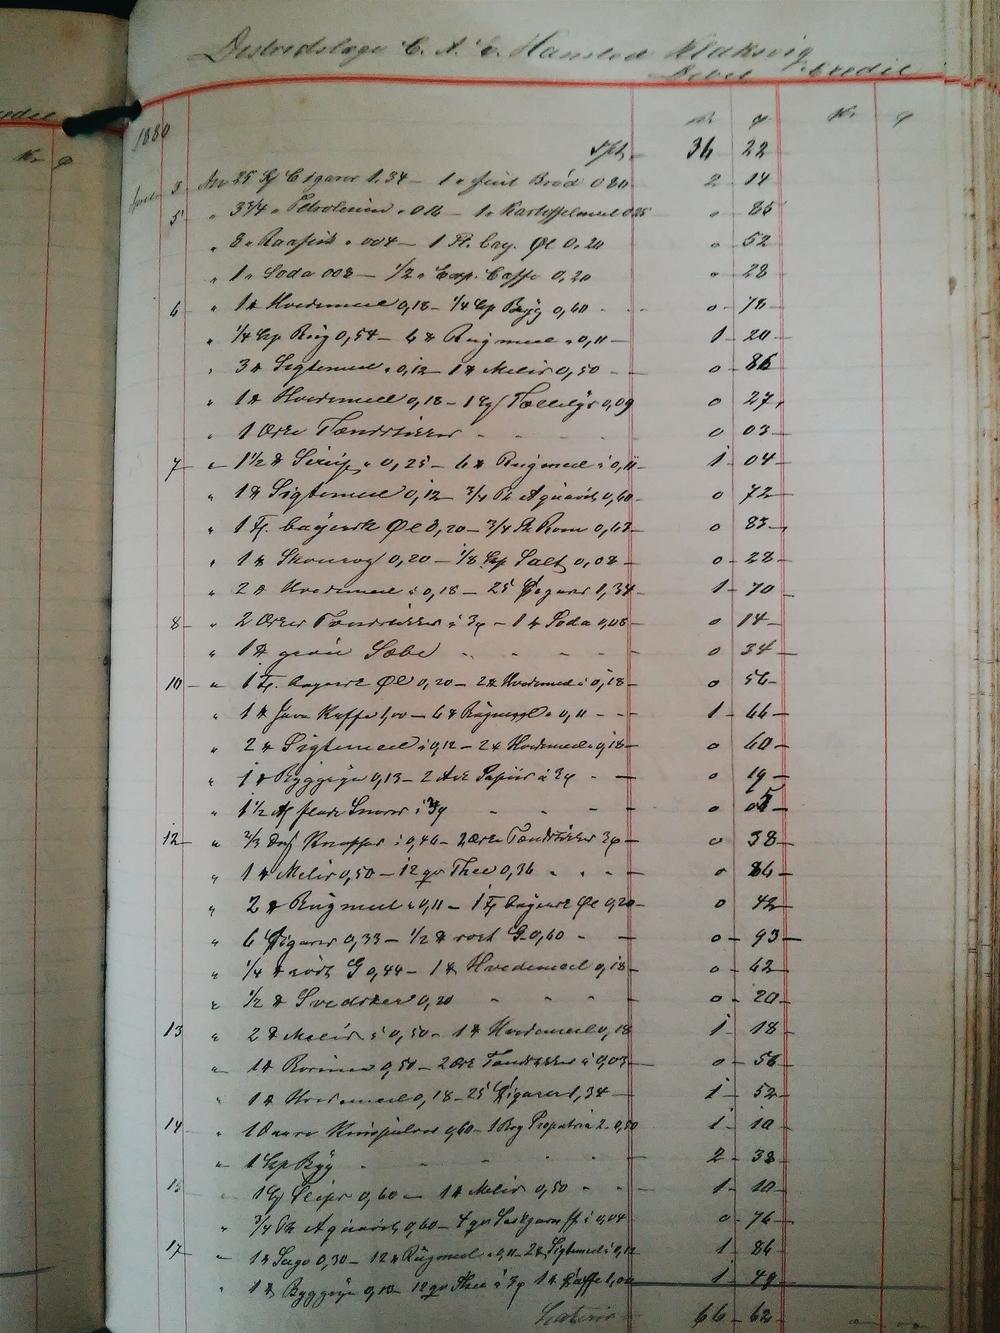 Τόμος εμπορίου: μια χειρόγραφη σελίδα από το 1880.